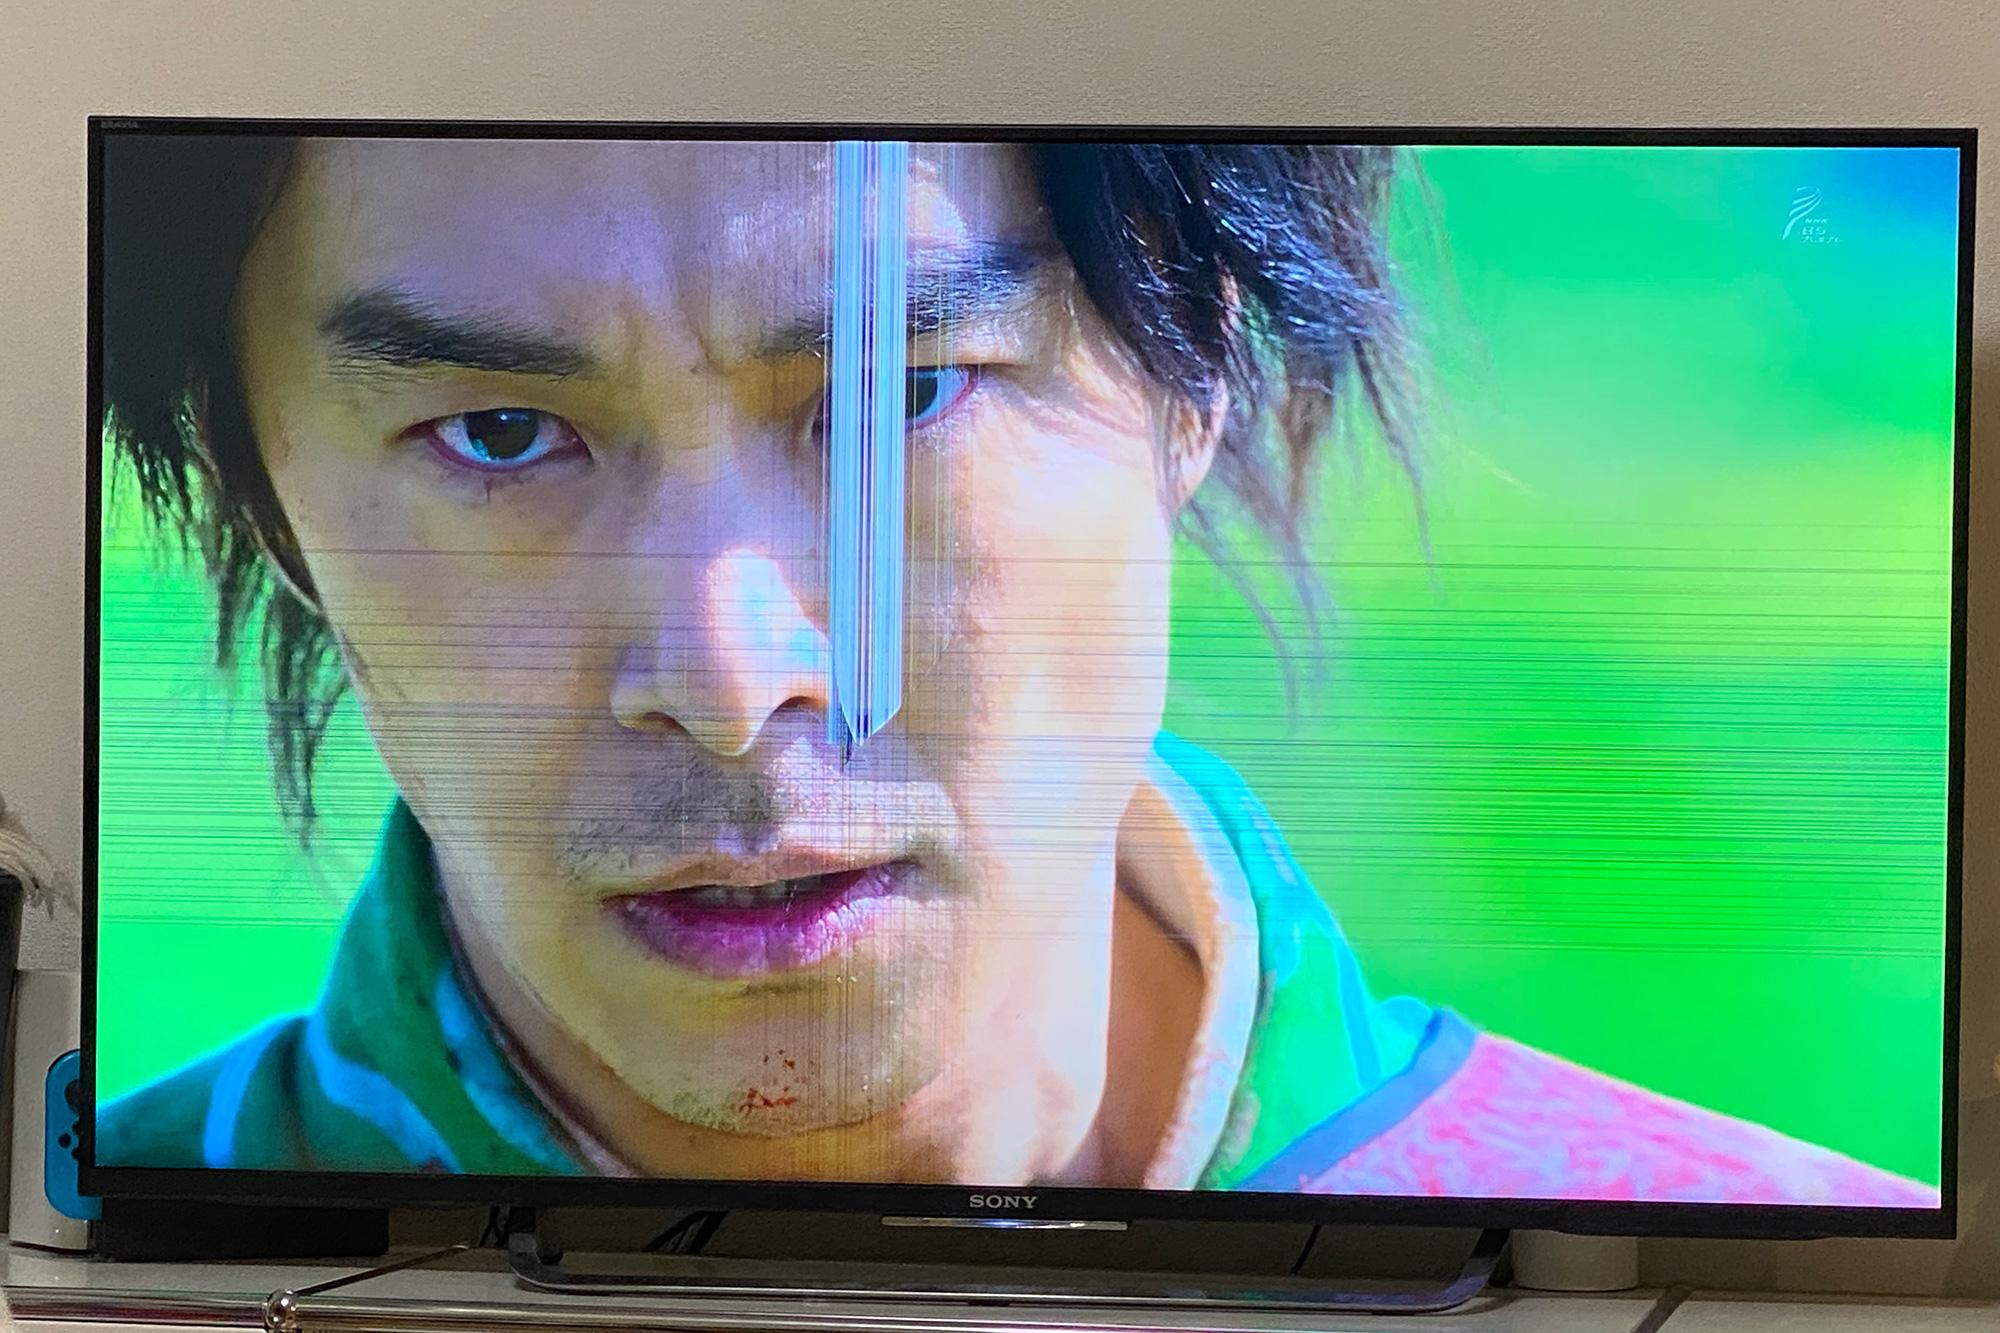 液晶テレビが割れた画面